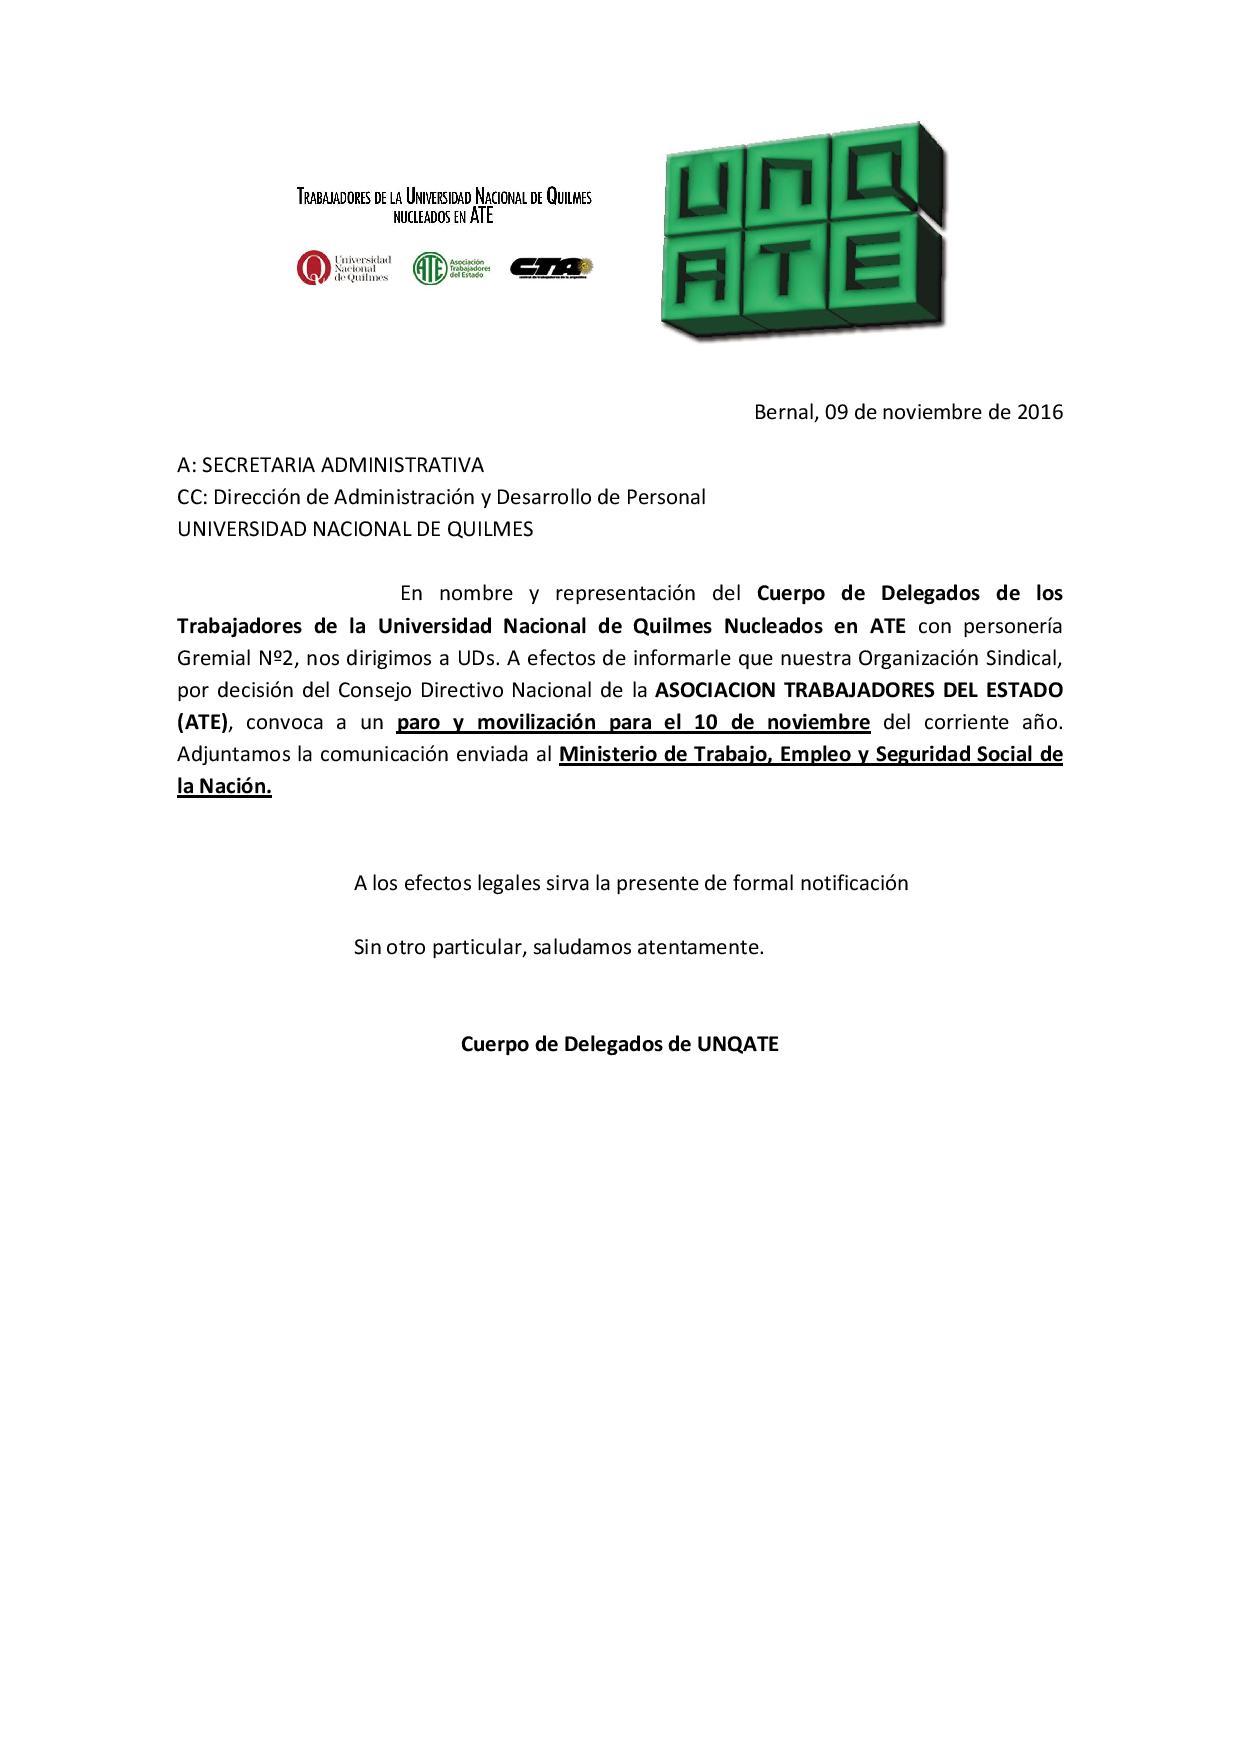 notifiacion-paro-101116-page-001